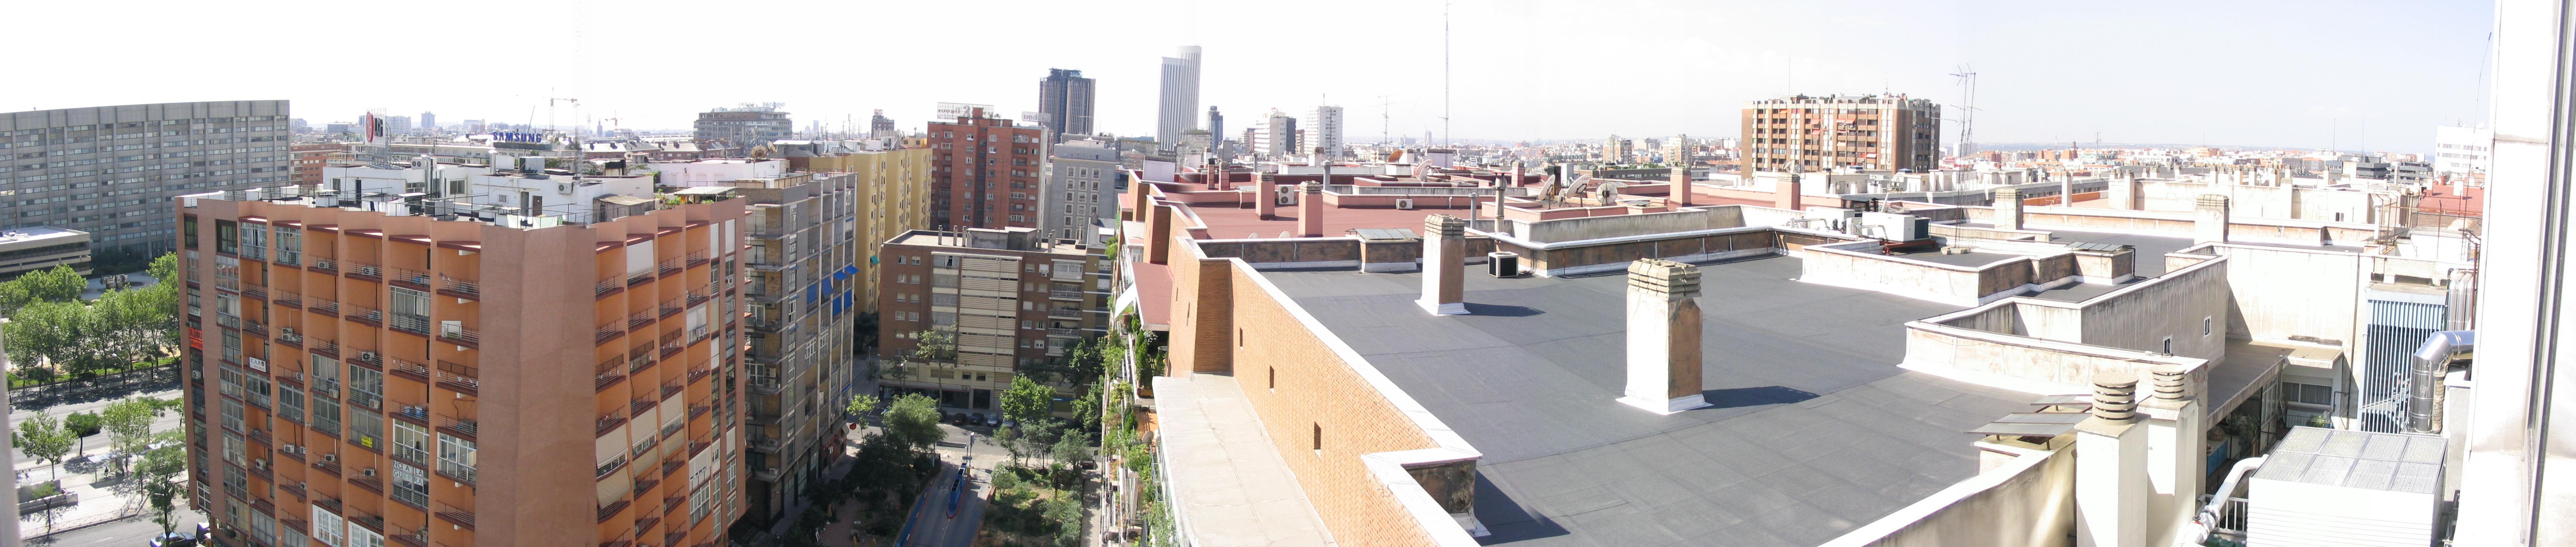 File Panor Mica De Madrid Desde El Hotel Cuzco